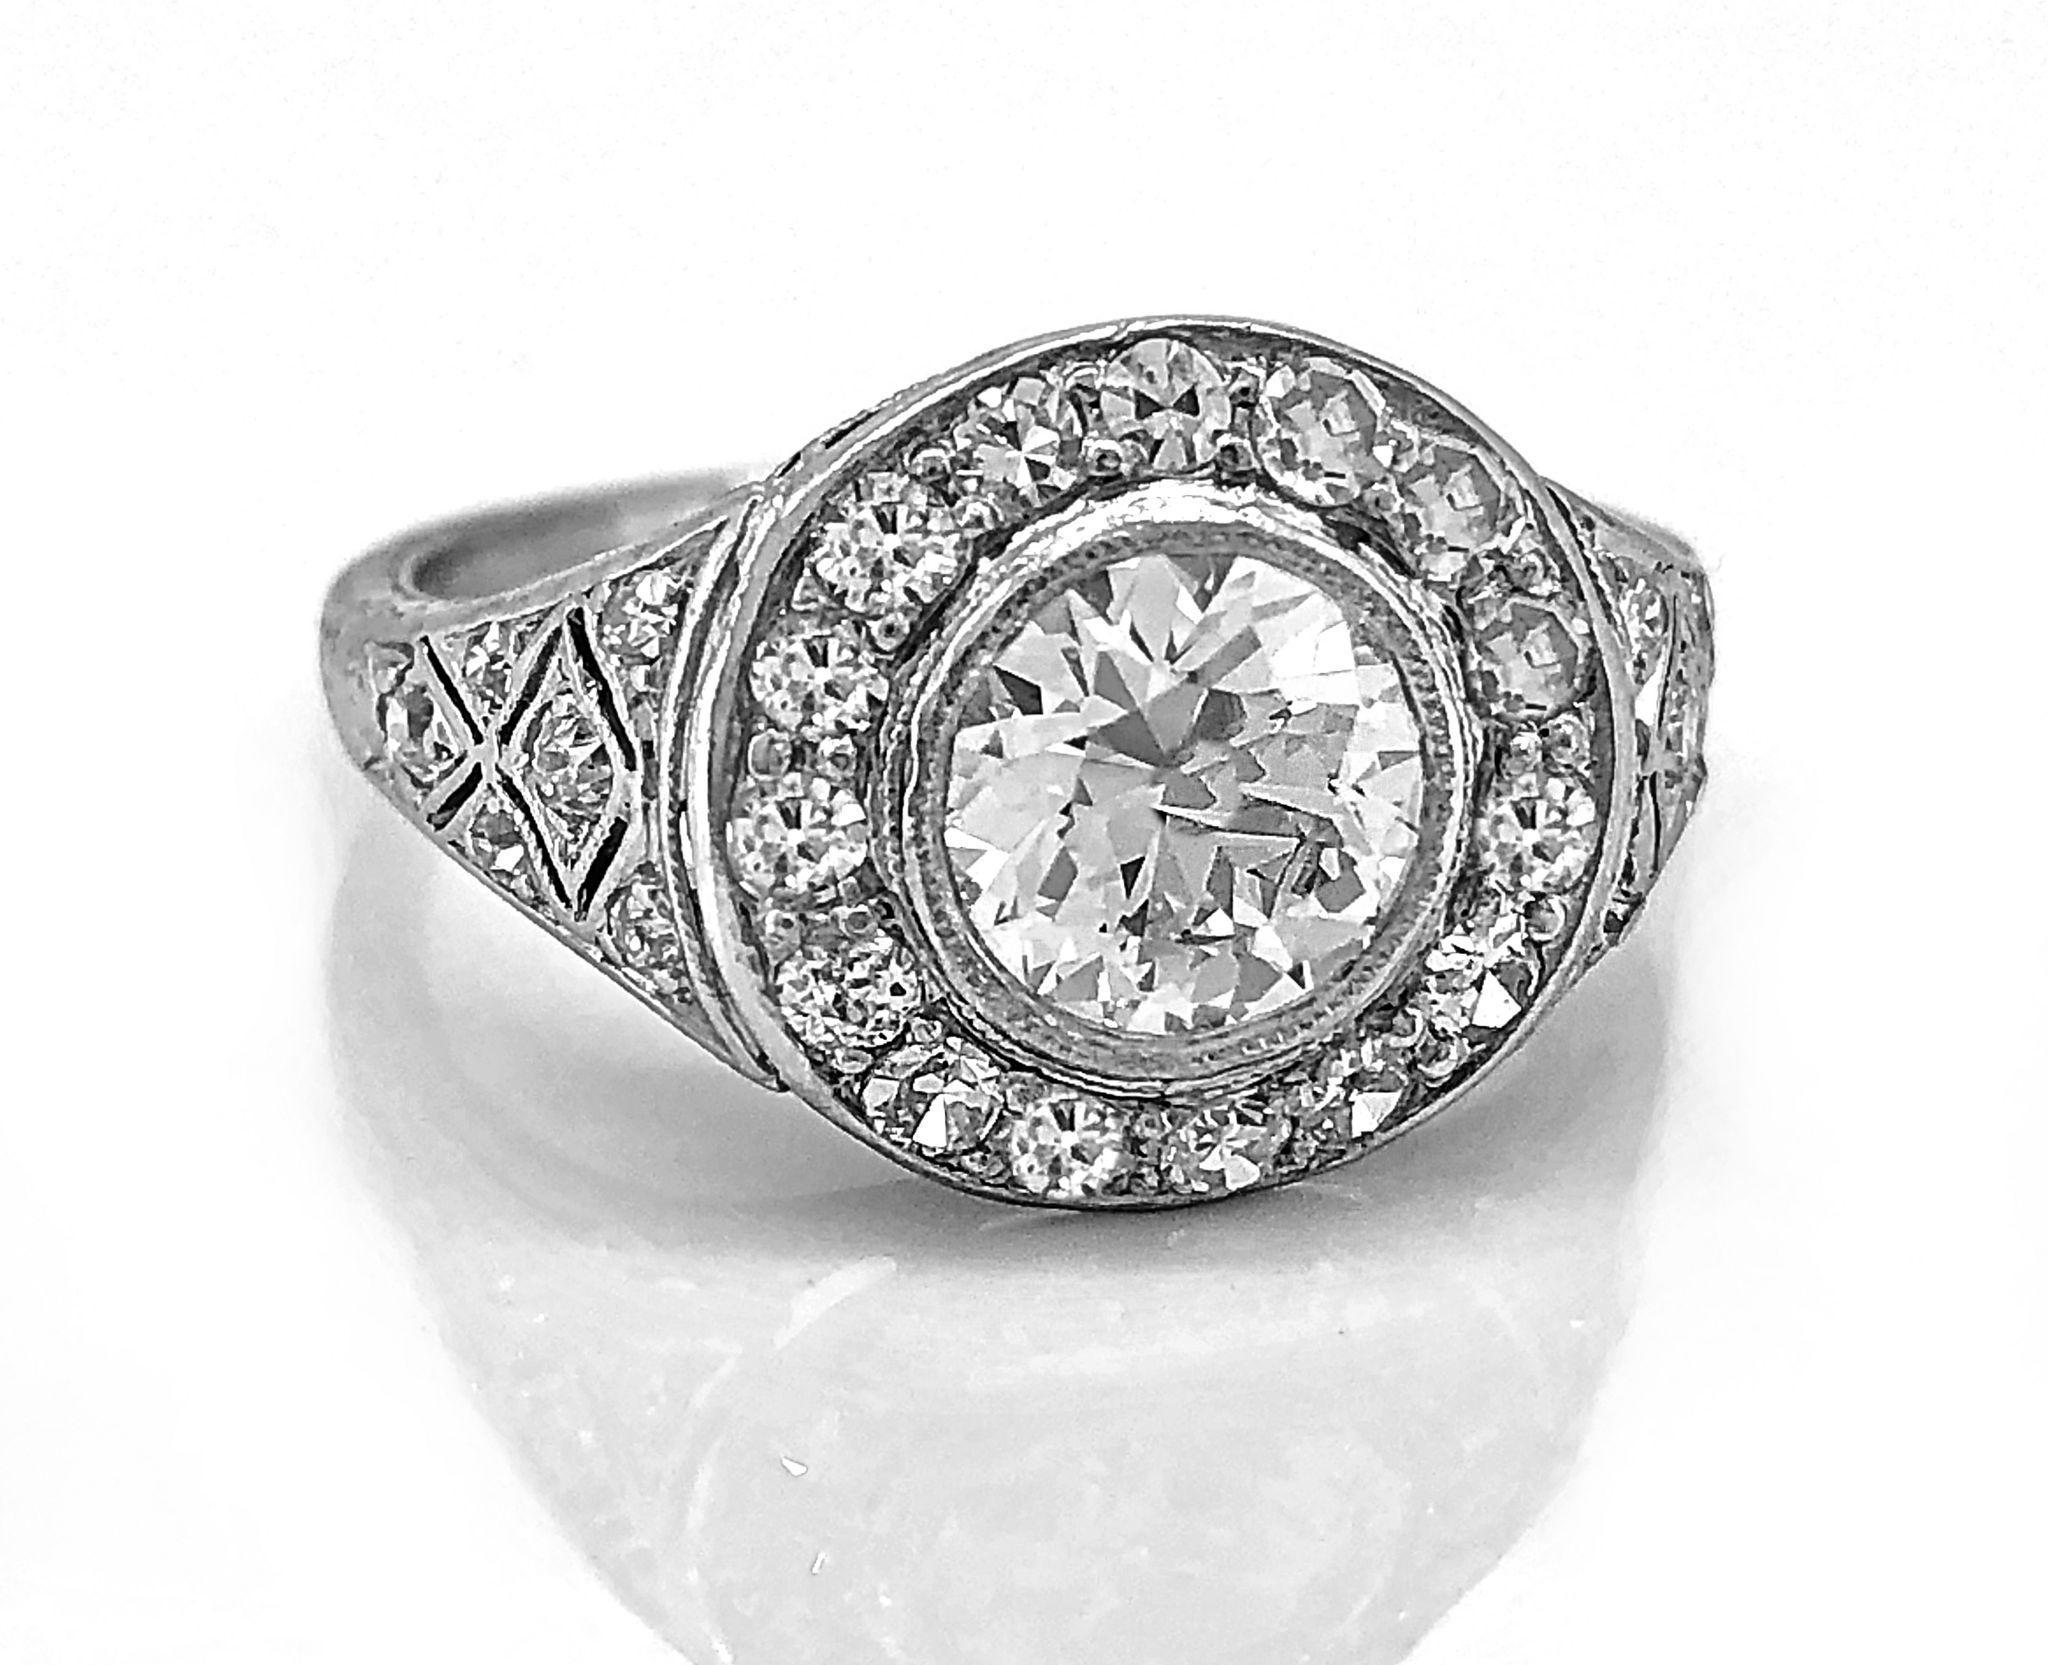 1.02ct. Diamond & Platinum Art Deco Engagement Ring- J34640